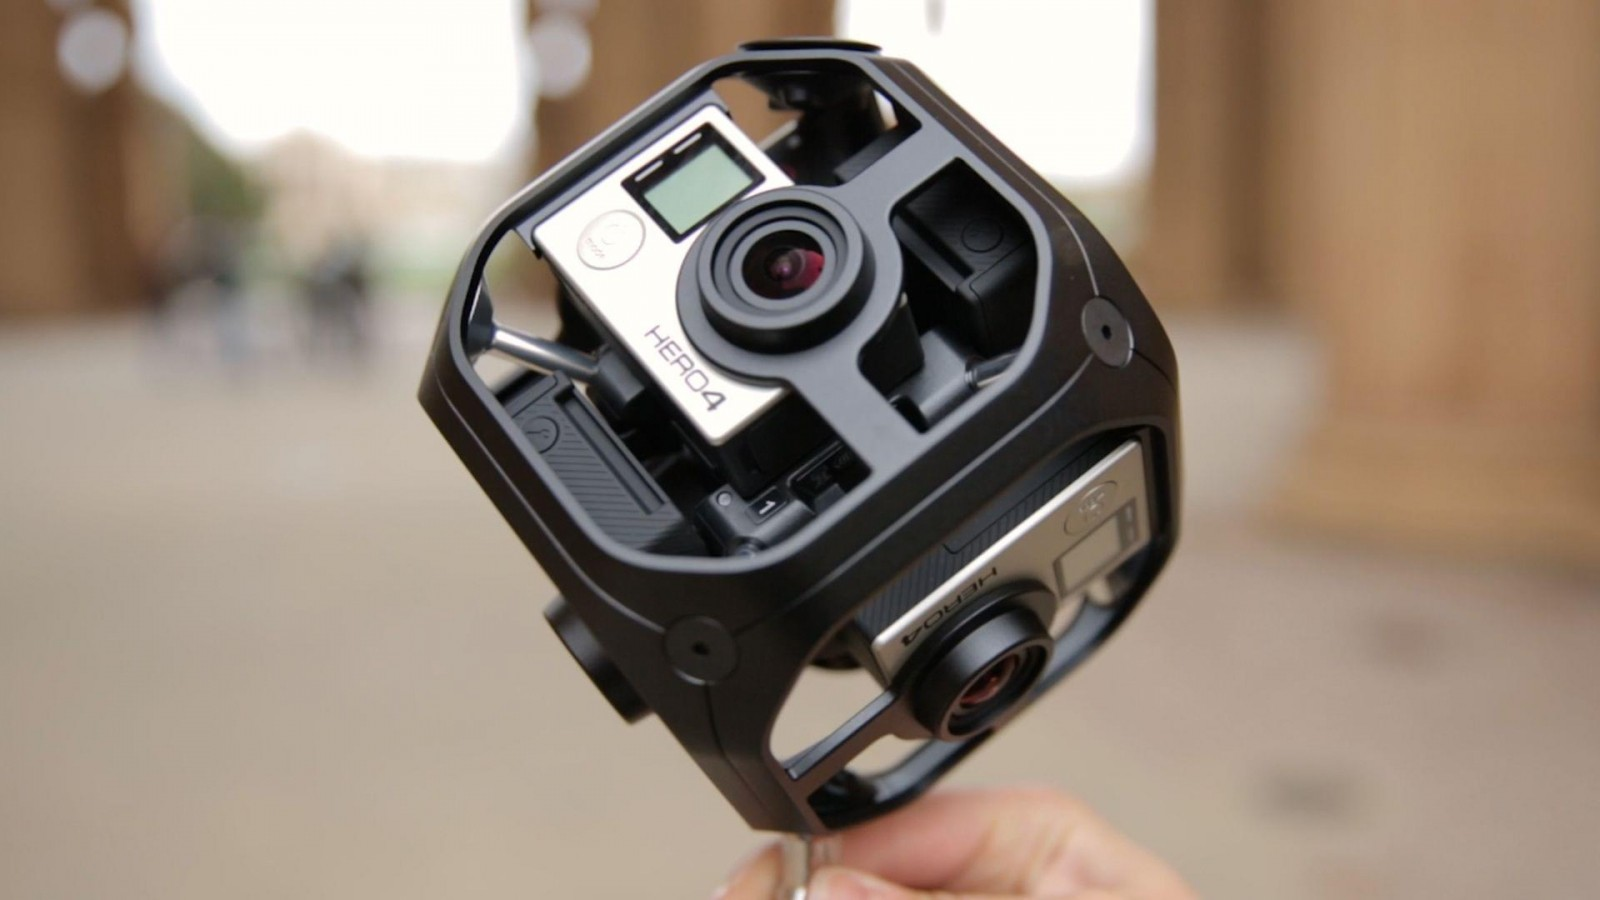 Камера виртуальной реальности Omni VR, выпущенная GoPro, или В чем особенность снятых на нее роликов?